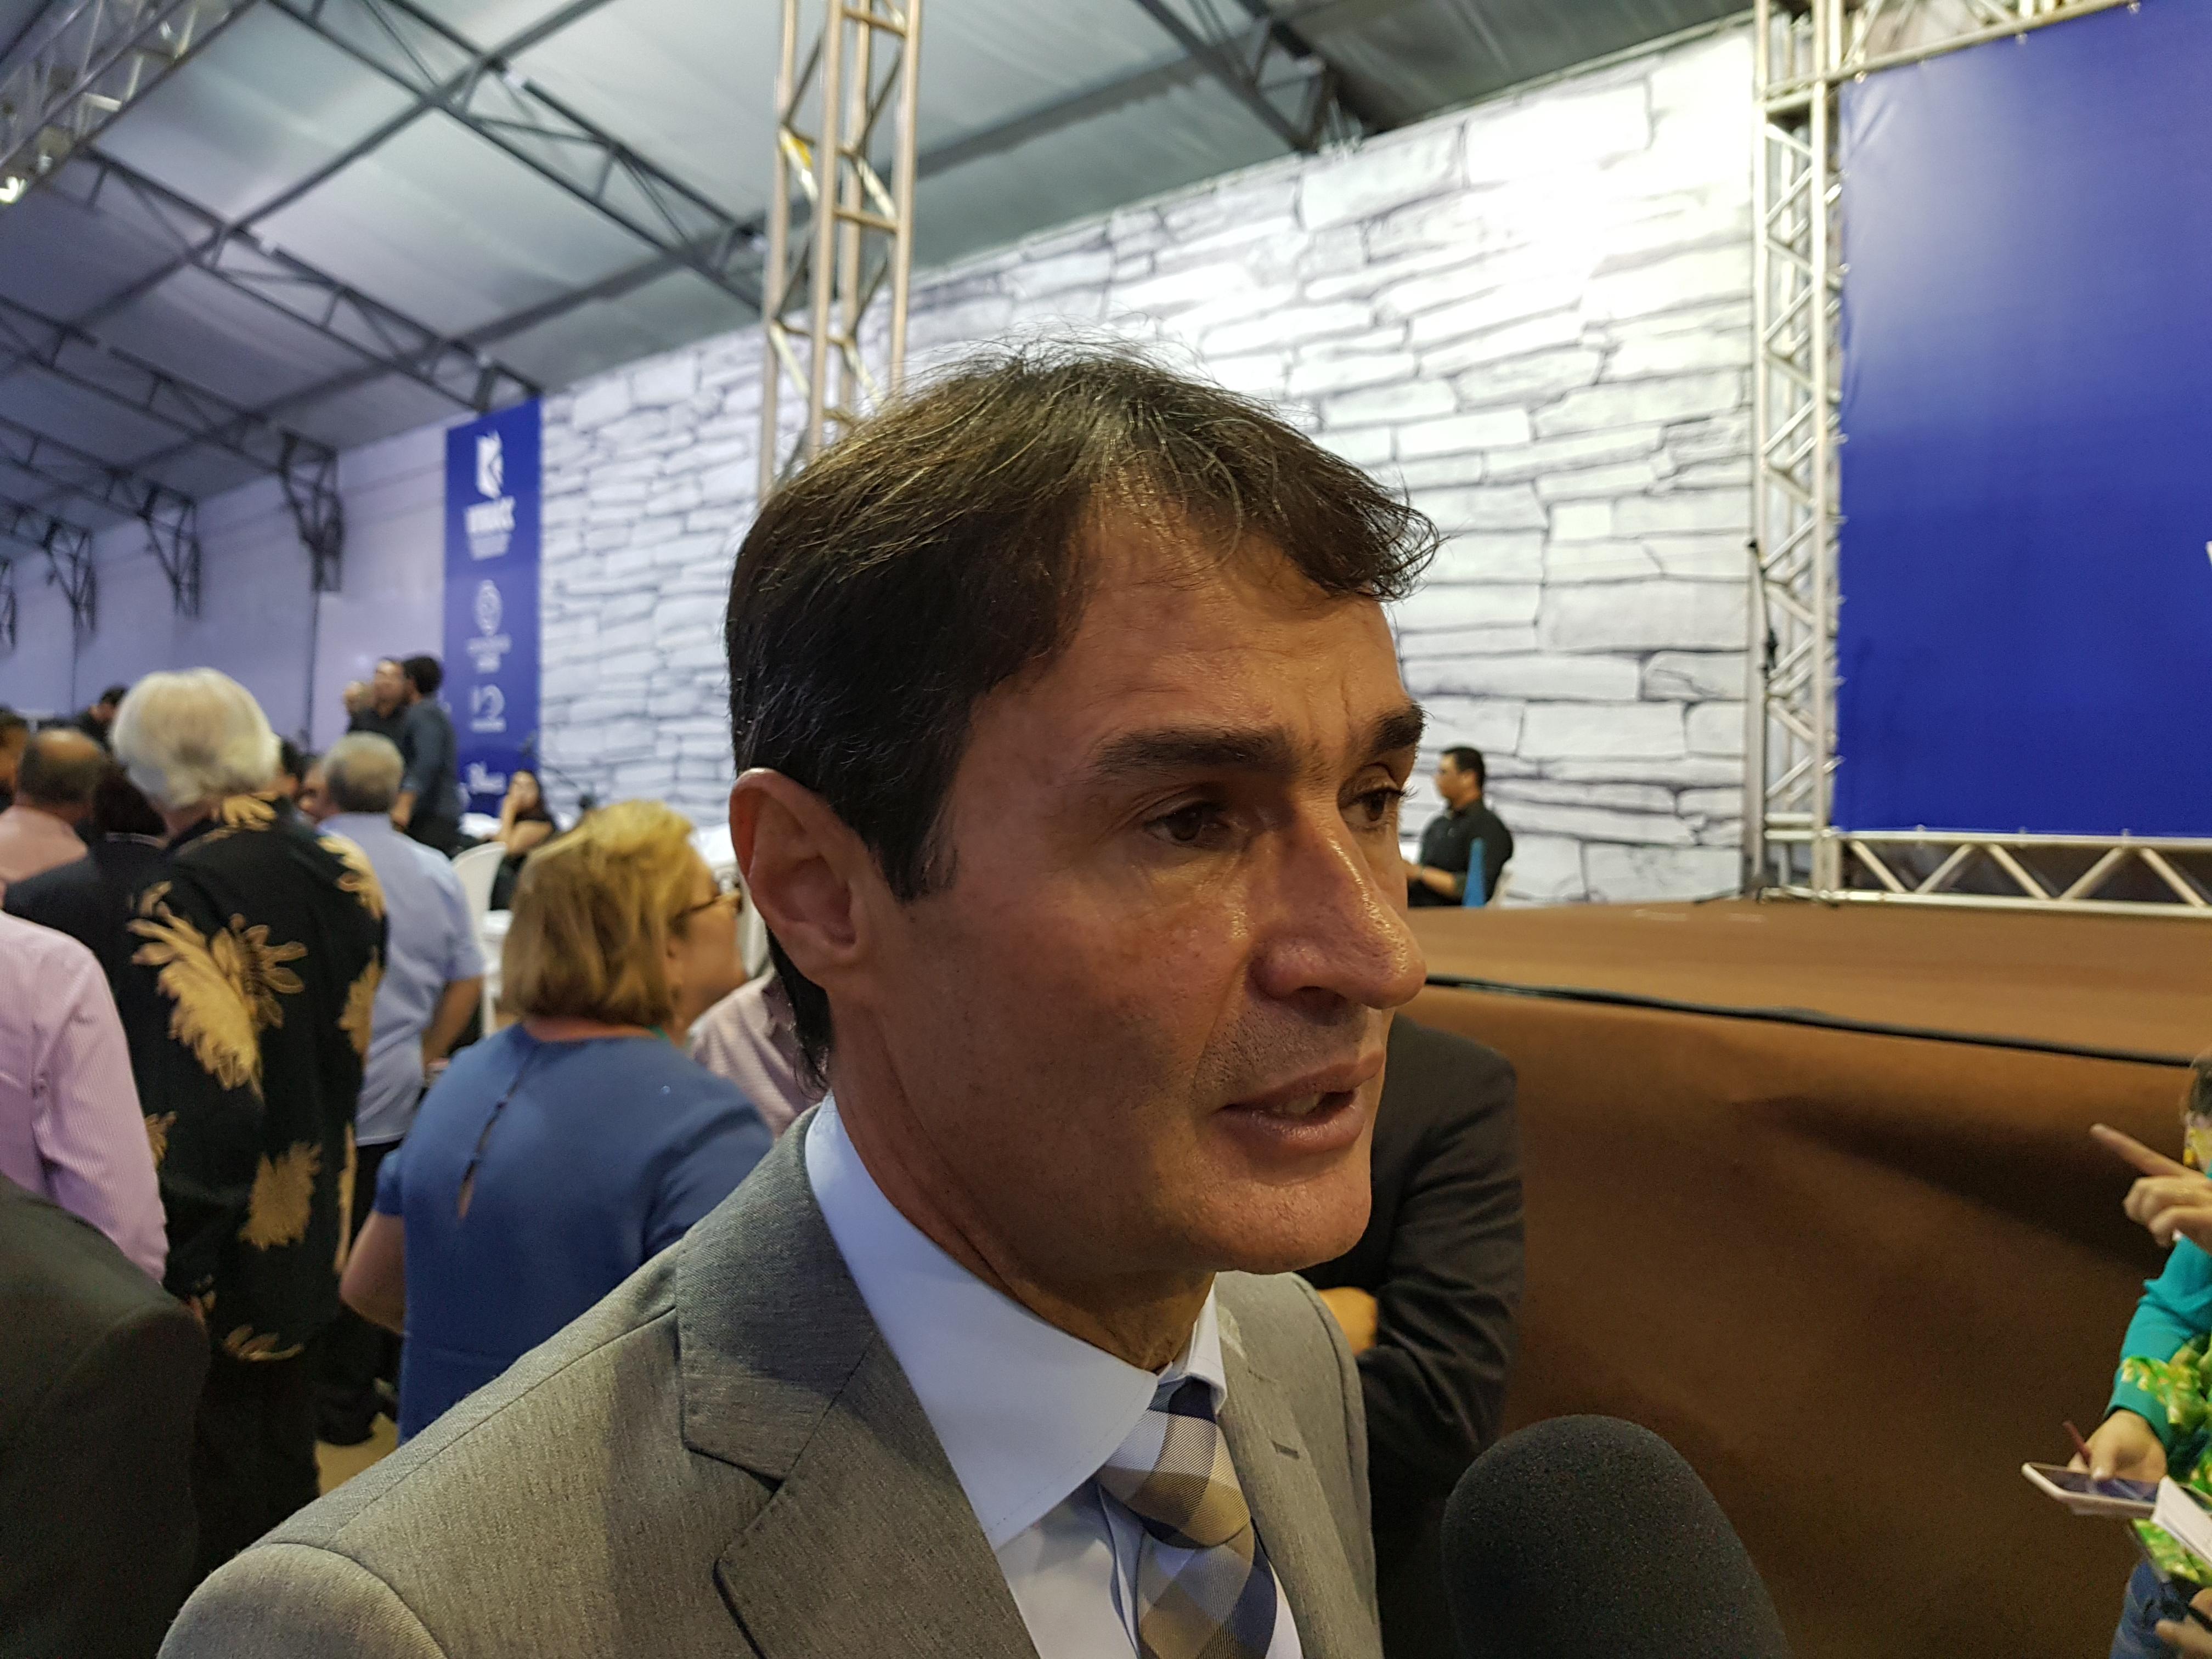 Romero revela que já pensou deixar o PSDB, mas descarta saída do partido no momento